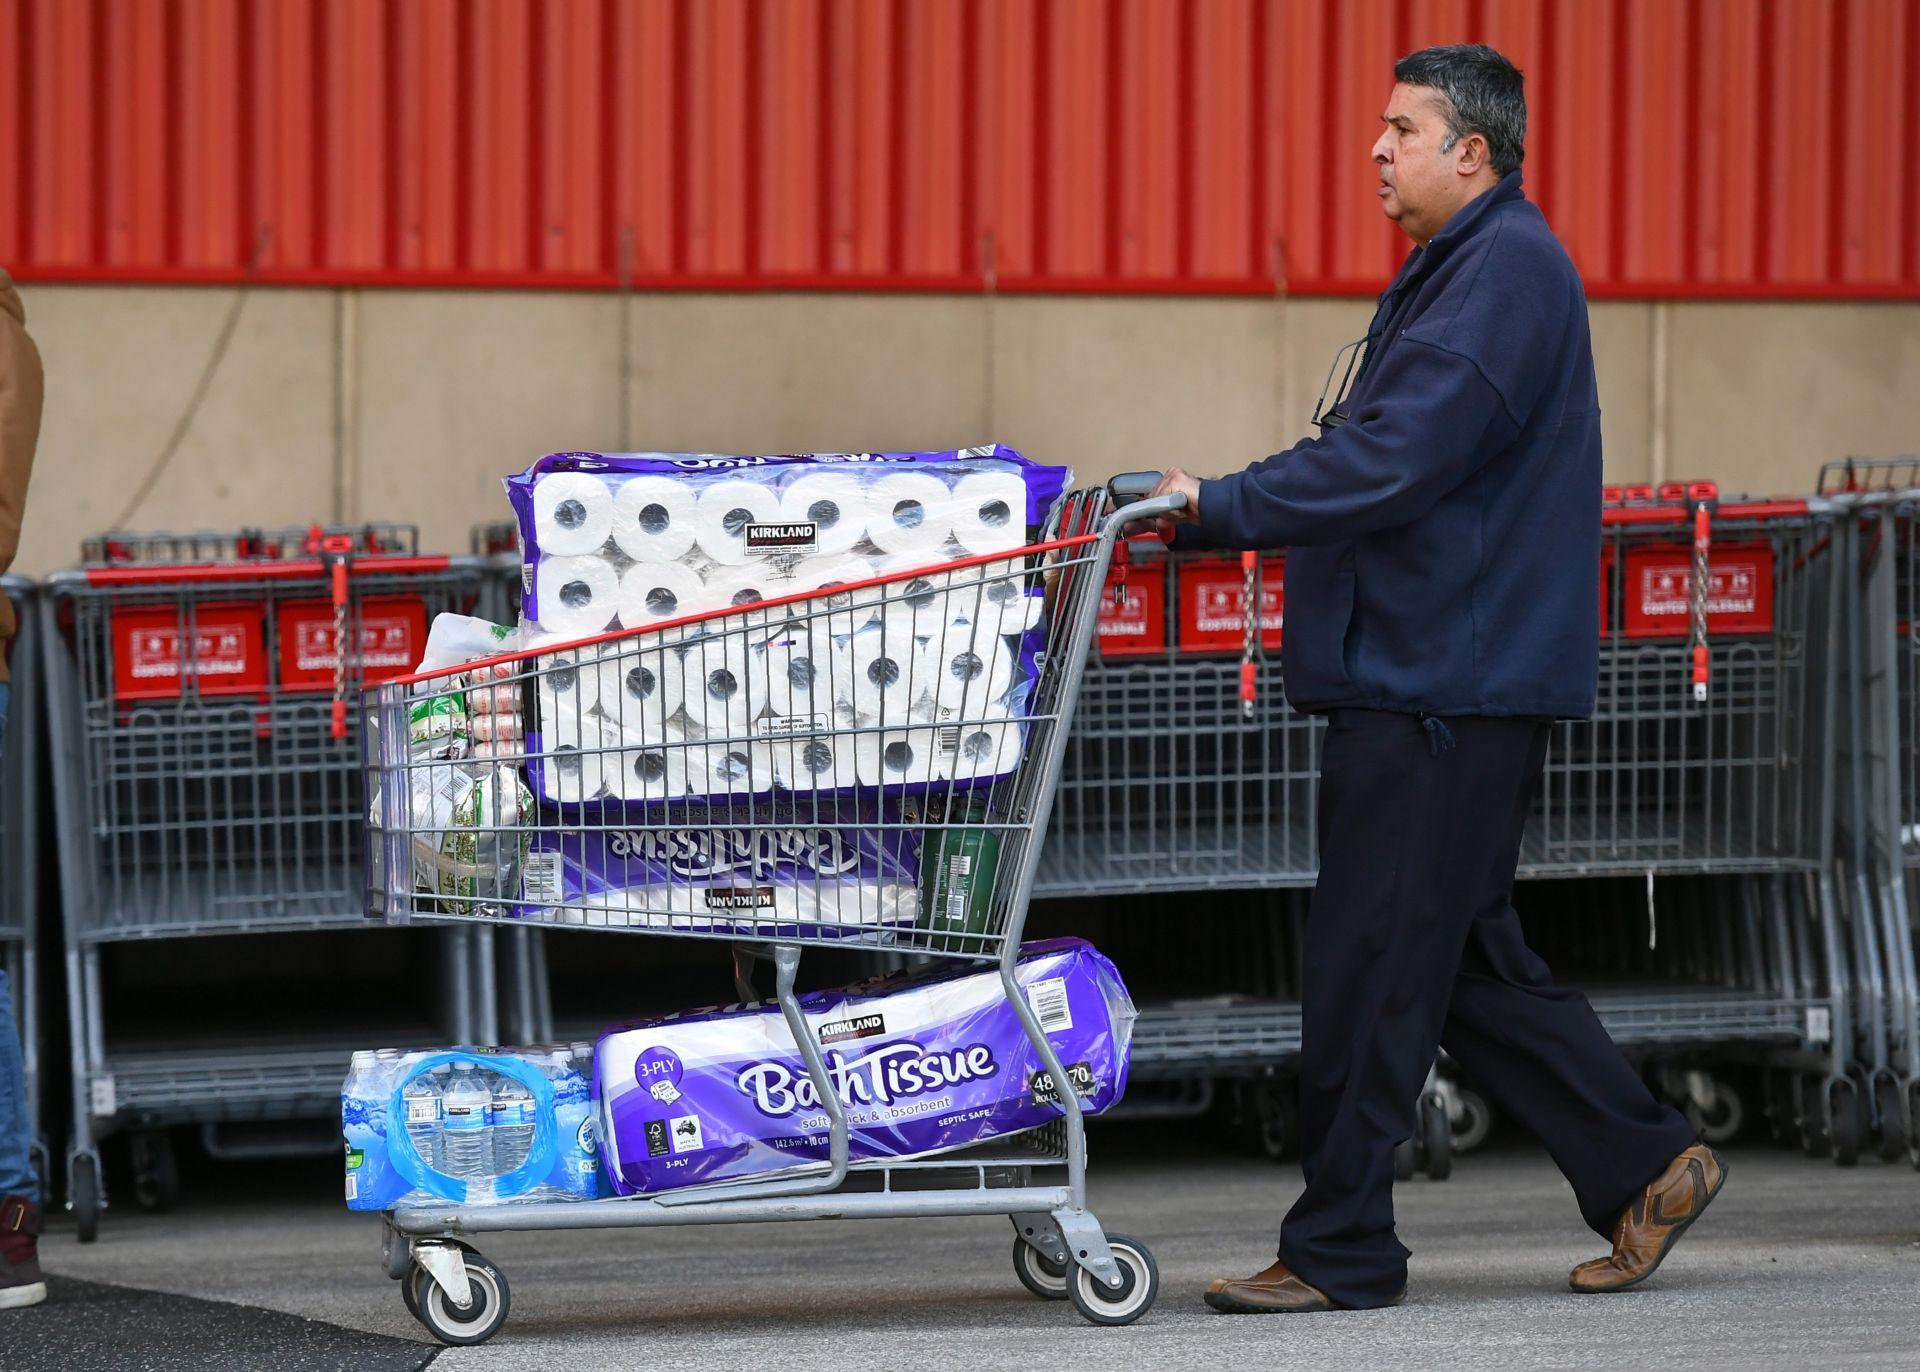 Khách hốt hoảng mua ào ạt, Costco đưa trở lại giới hạn một số mặt hàng